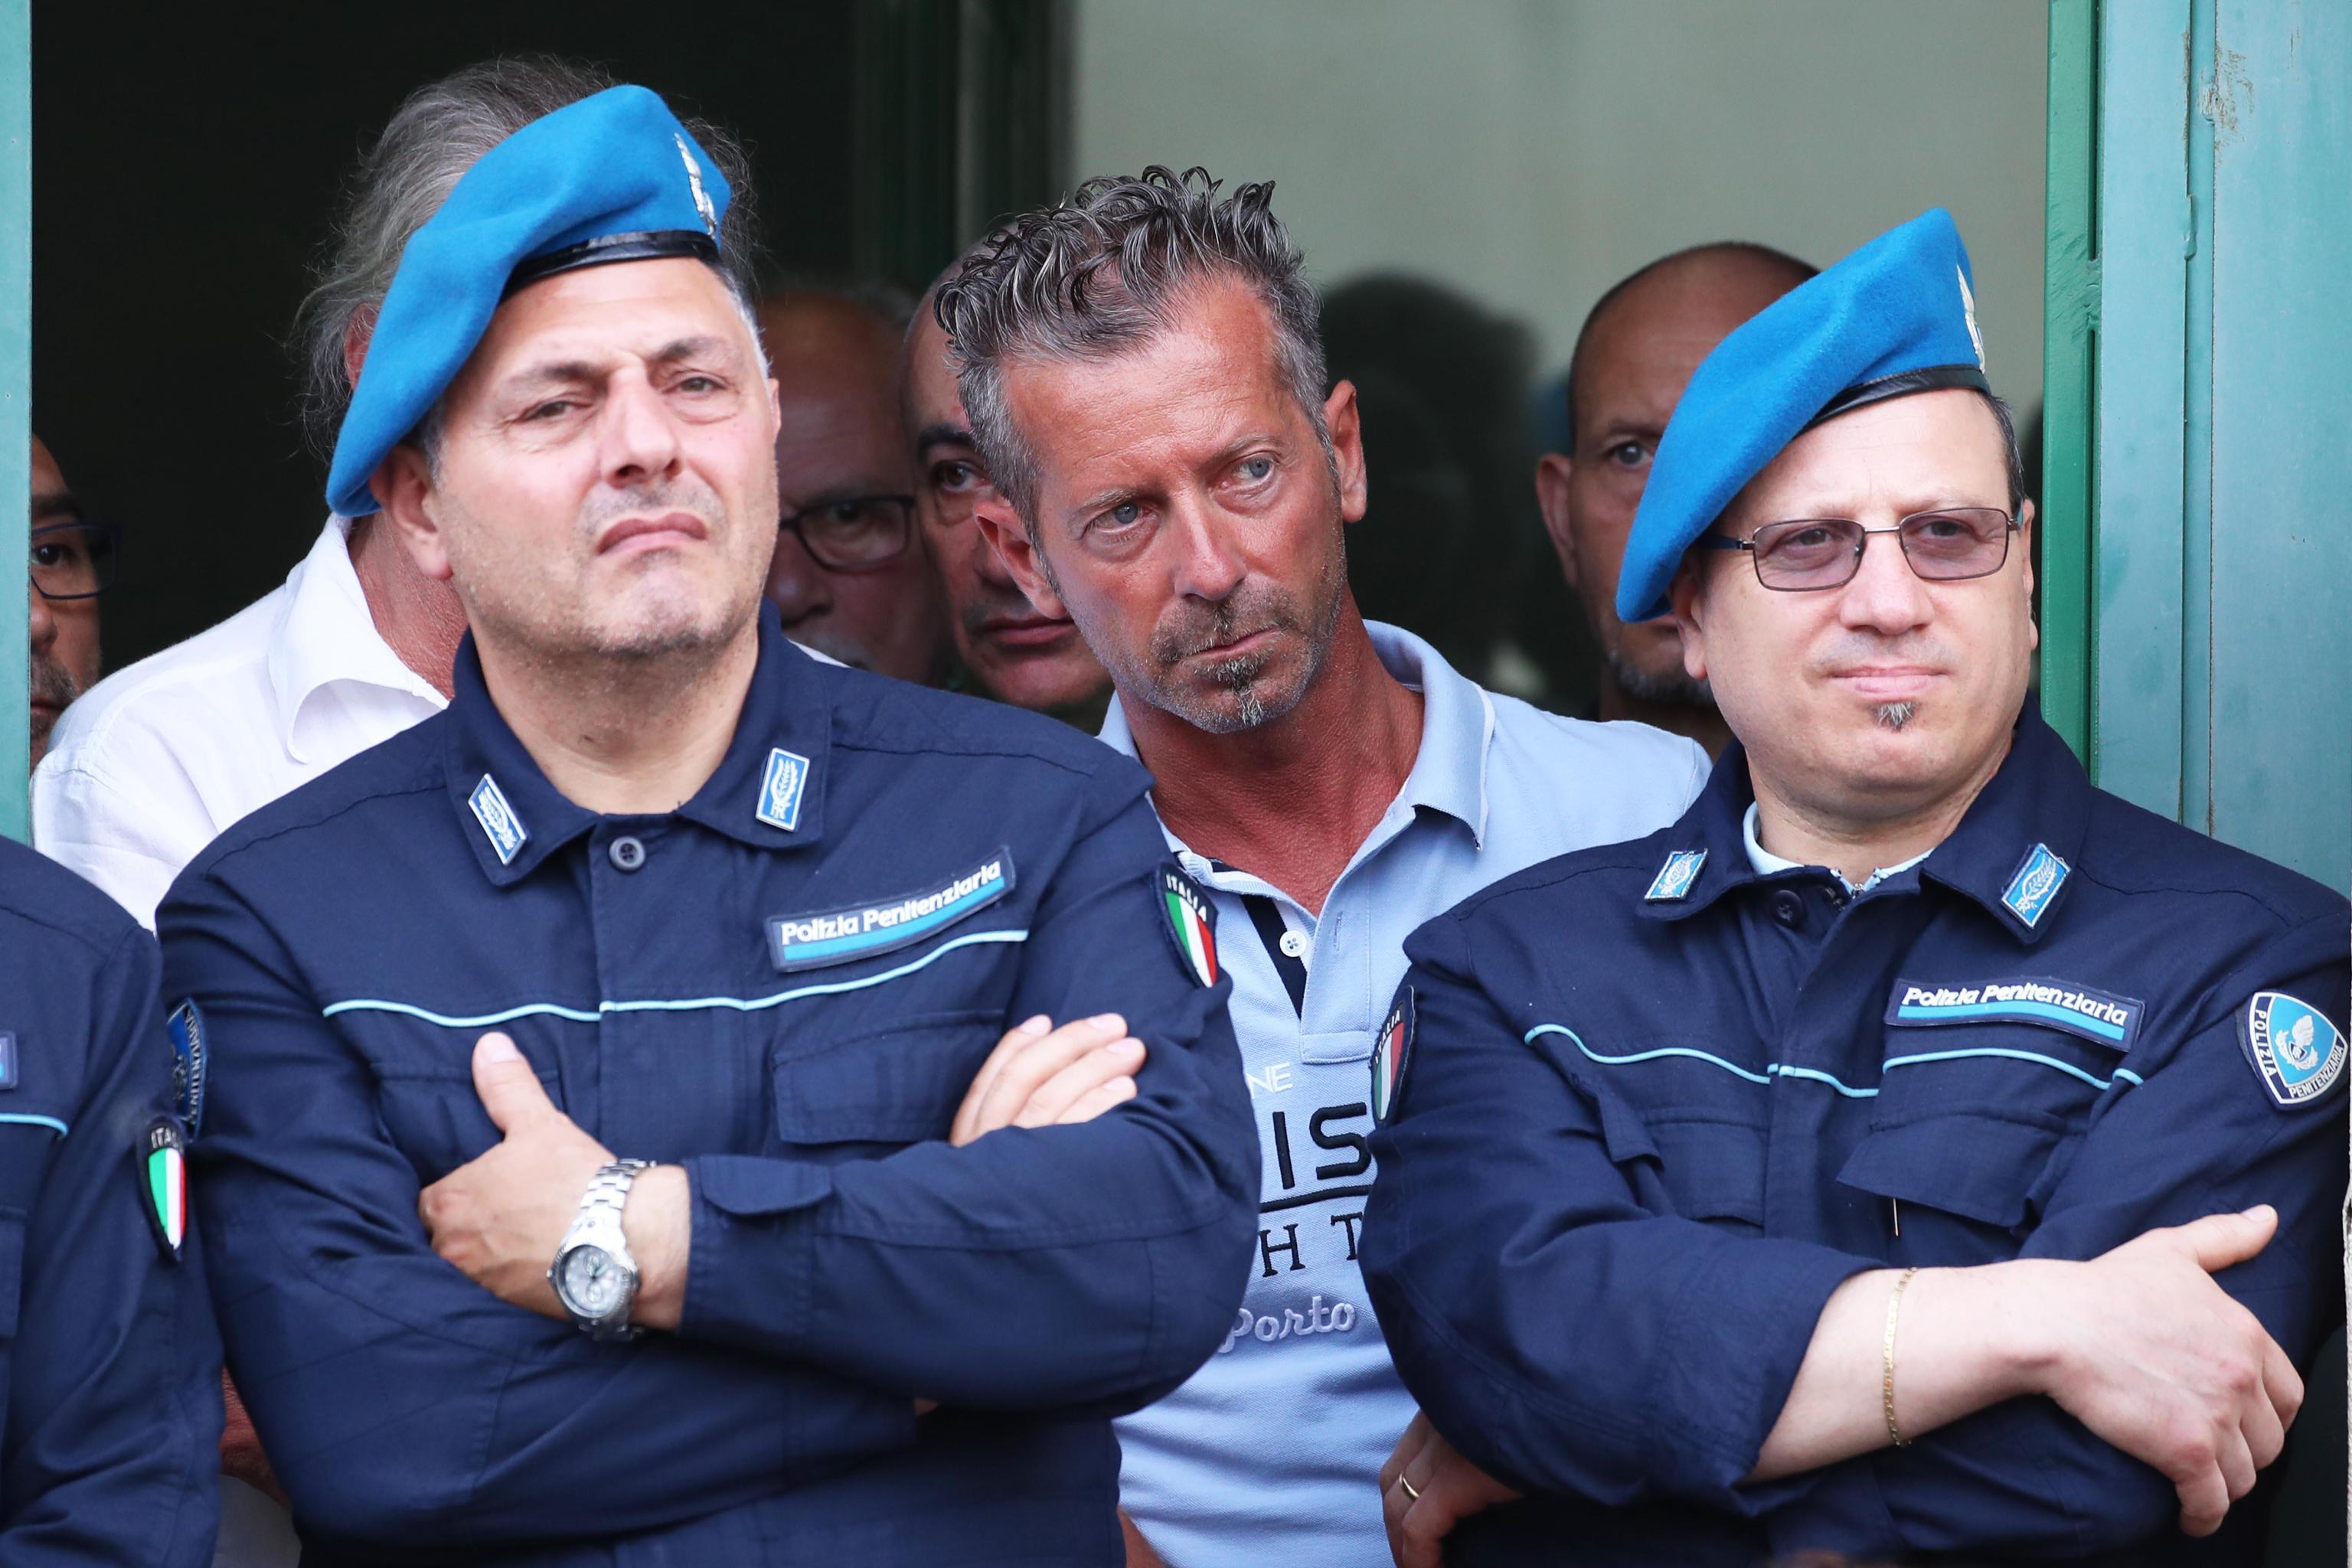 La lettera di Bossetti al giornalista: 'Fai giungere a tutti la mia voce di innocente'